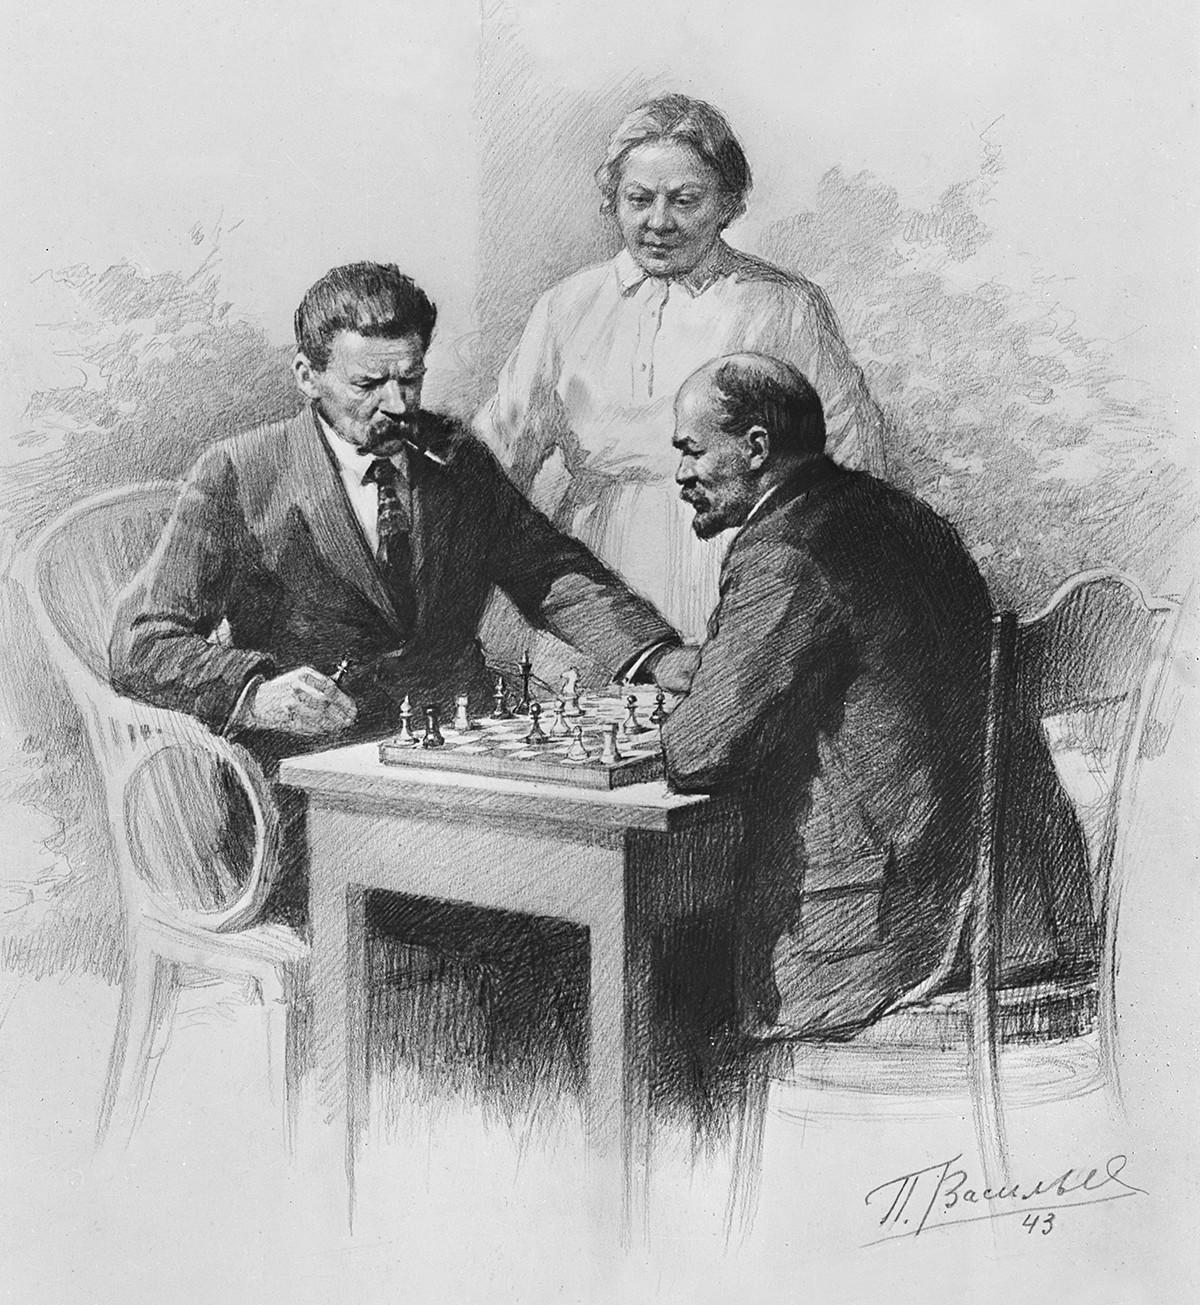 Lénine, l'écrivain Maxime Gorki et Nadejda Kroupskaïa, la femme de Lénine